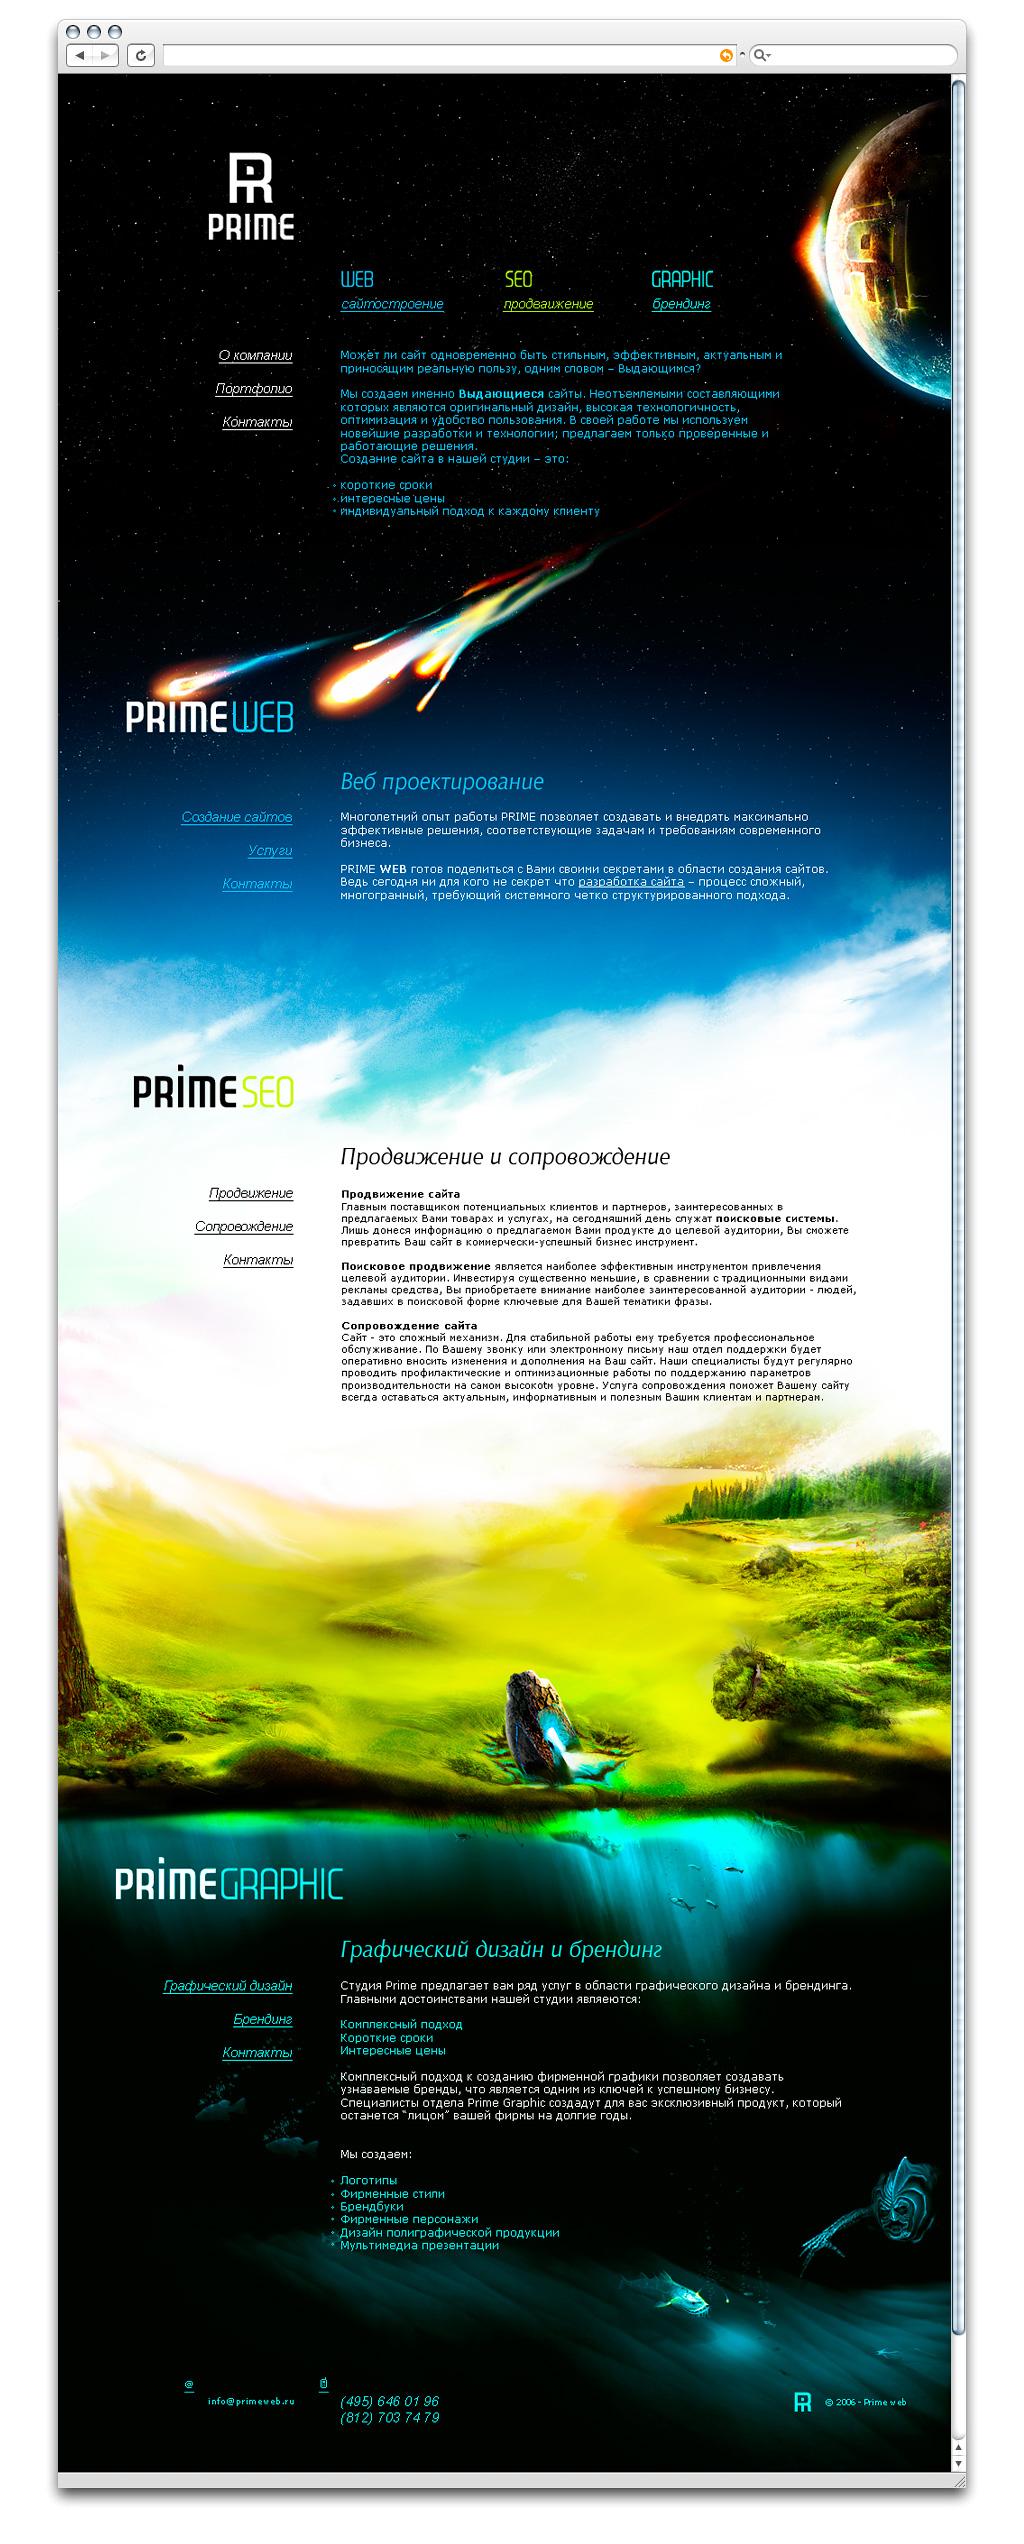 Сайт «Prime». Главная страница сайта